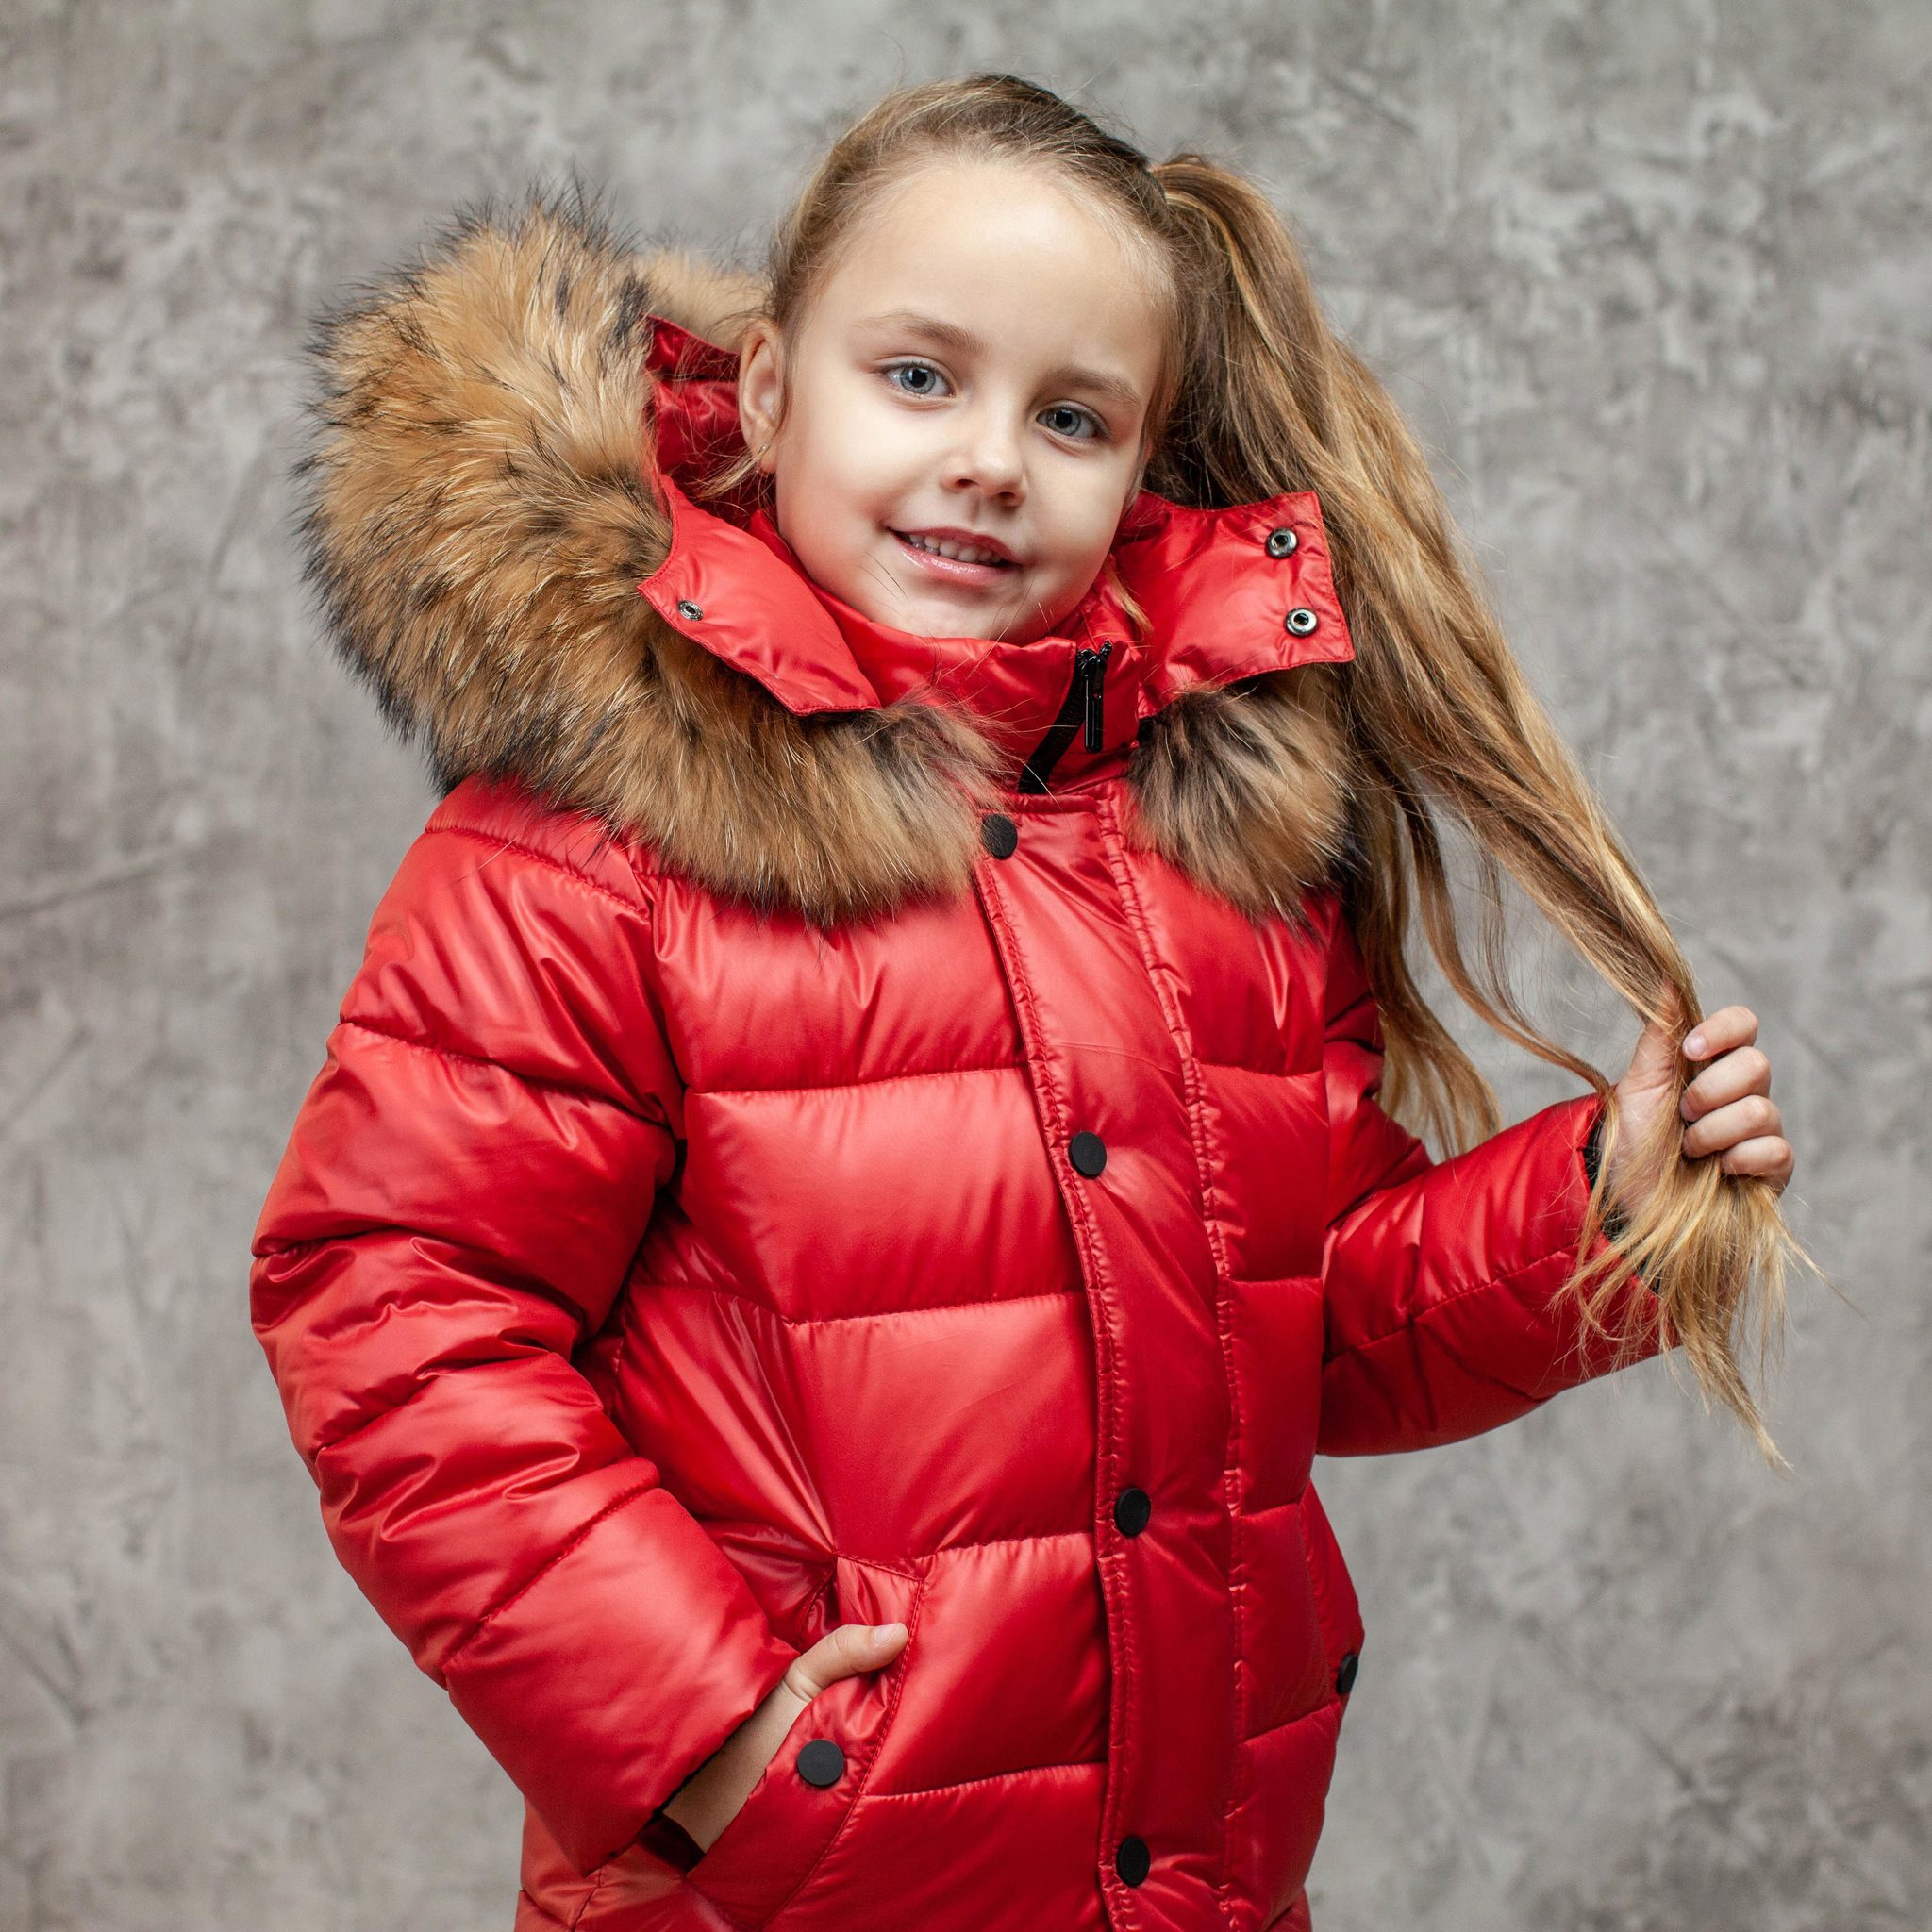 Детский зимний костюм с натуральной опушкой в красном цвете для девочки